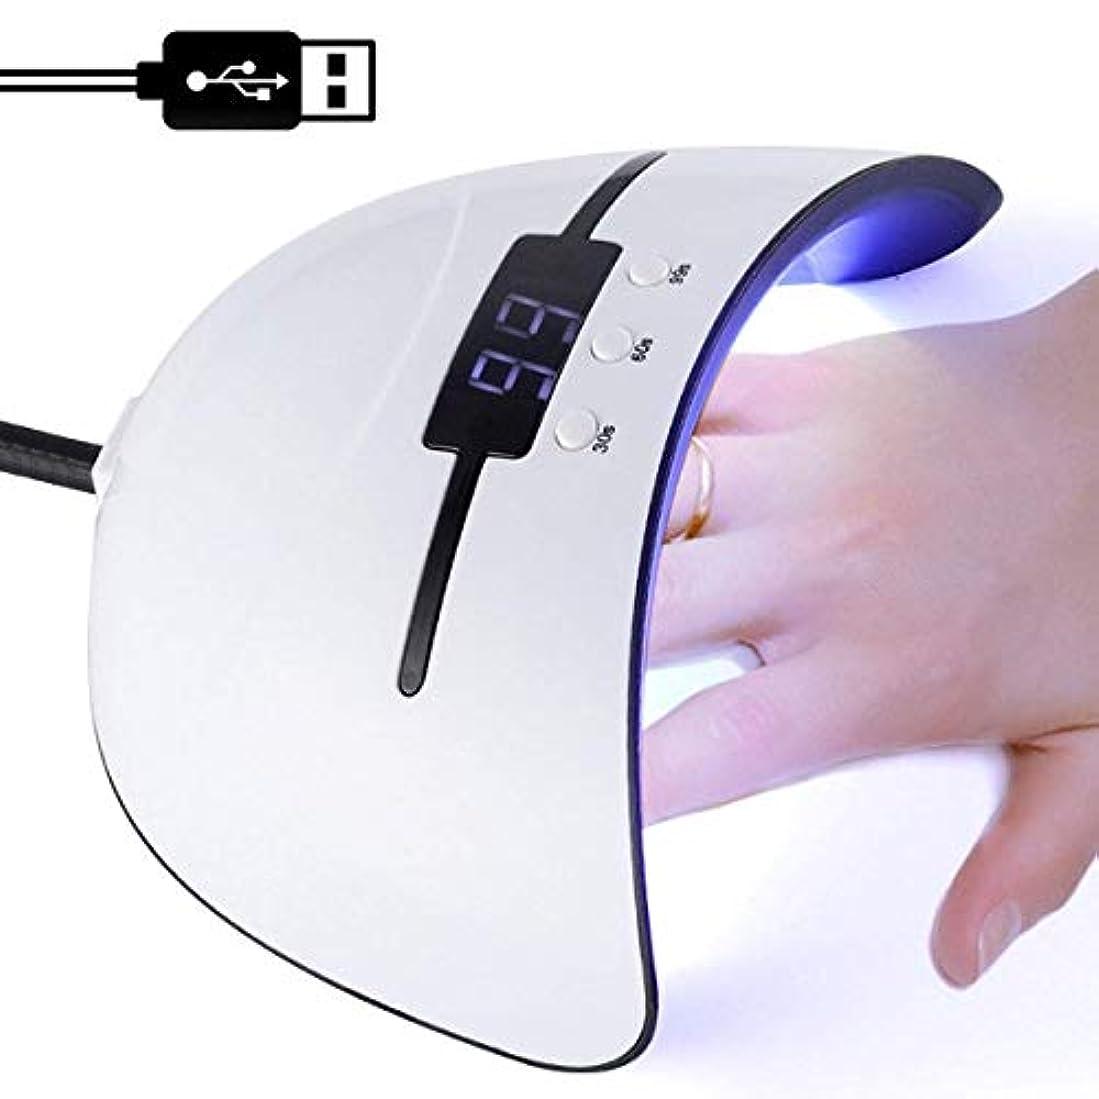 マッシュ作詞家詩人ネイルドライヤー 硬化用ライト 36w 美肌搭載 爪の薄い女性でも安心 液晶モニター センサーが感知 全ジェル対応 LED UV ネイルライト